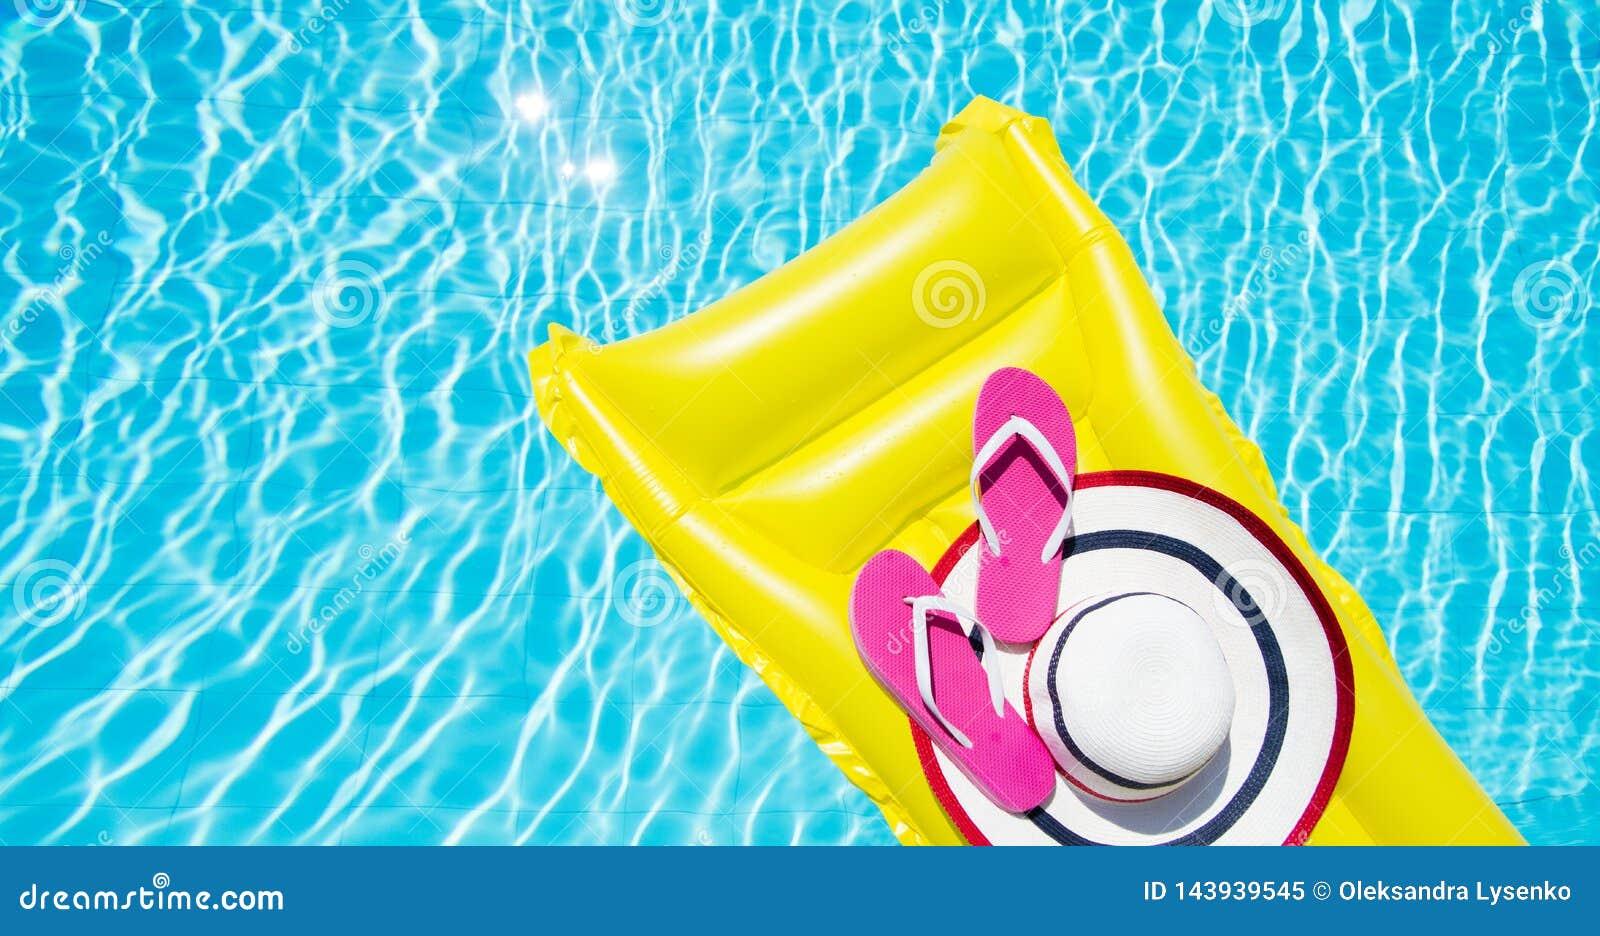 Fondo de las vacaciones de verano de la playa Colchón, chancletas y sombrero de aire inflable en piscina Lilo y verano amarillos